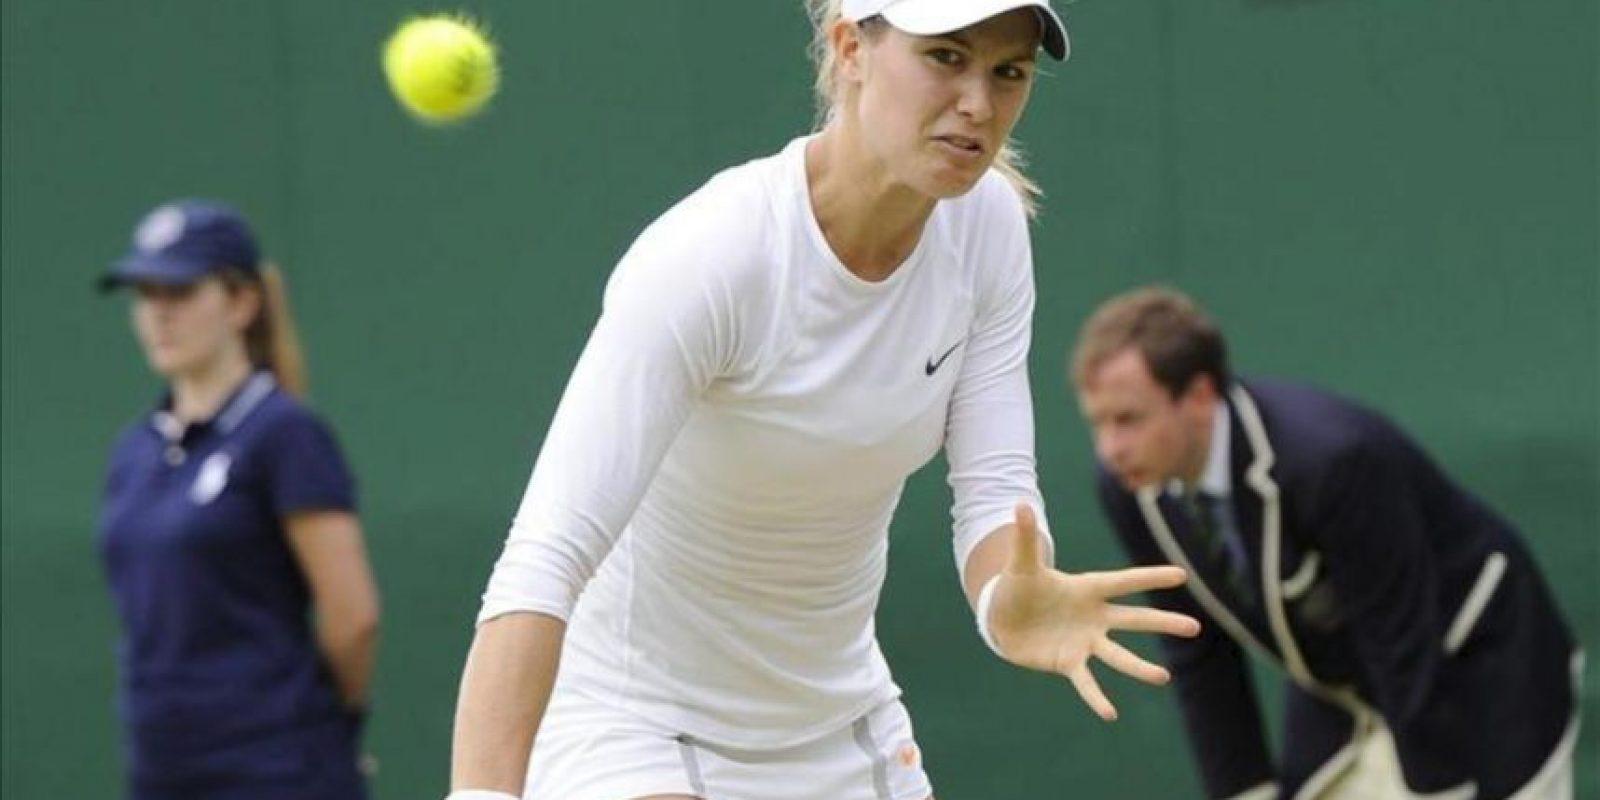 La tenista canadiense Eugenie Bouchard durante el partido de tercera ronda del torneo de tenis de Wimbledon. EFE